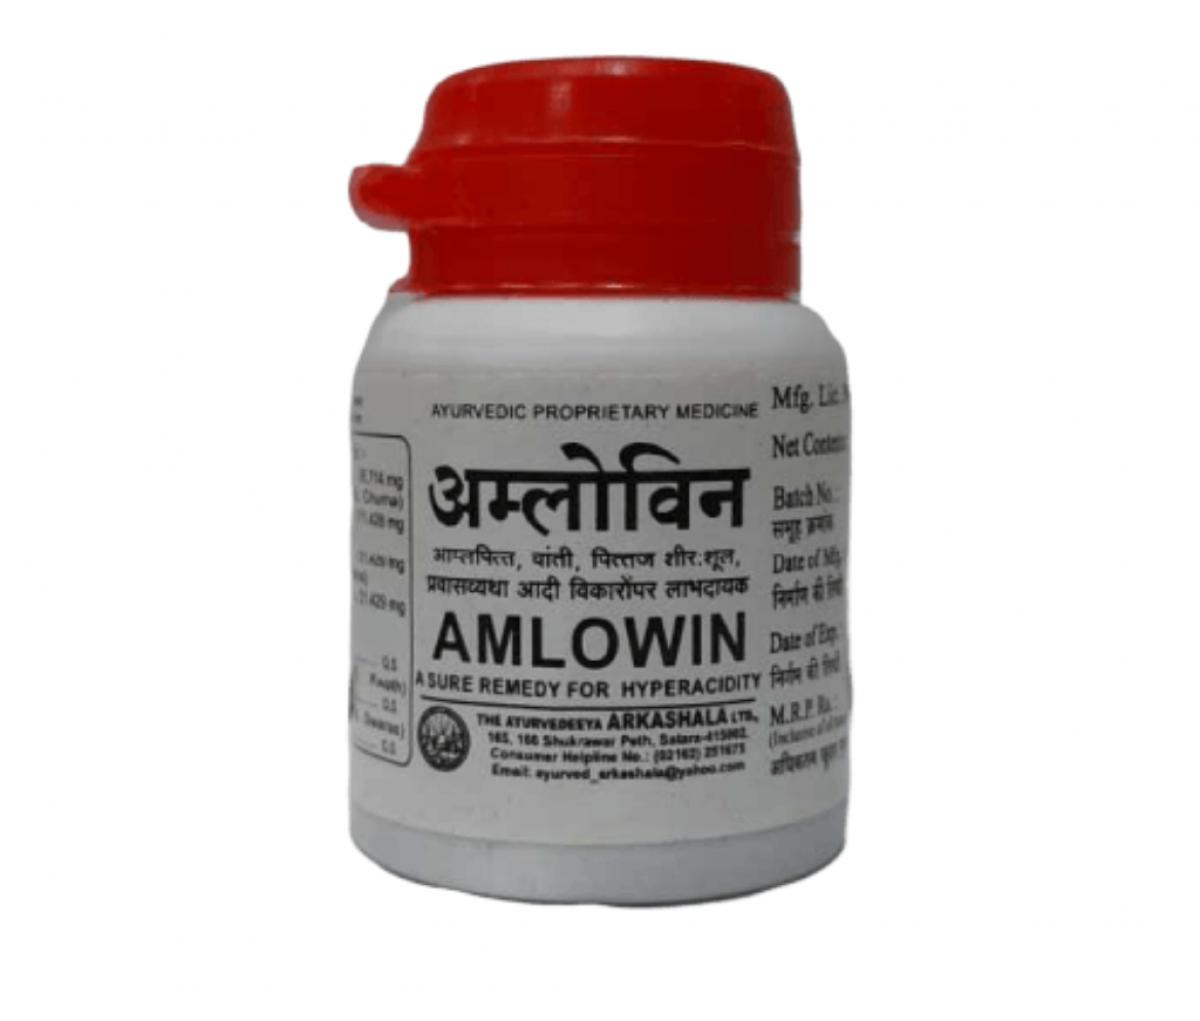 Amlowin 10mg (USP) Tablet